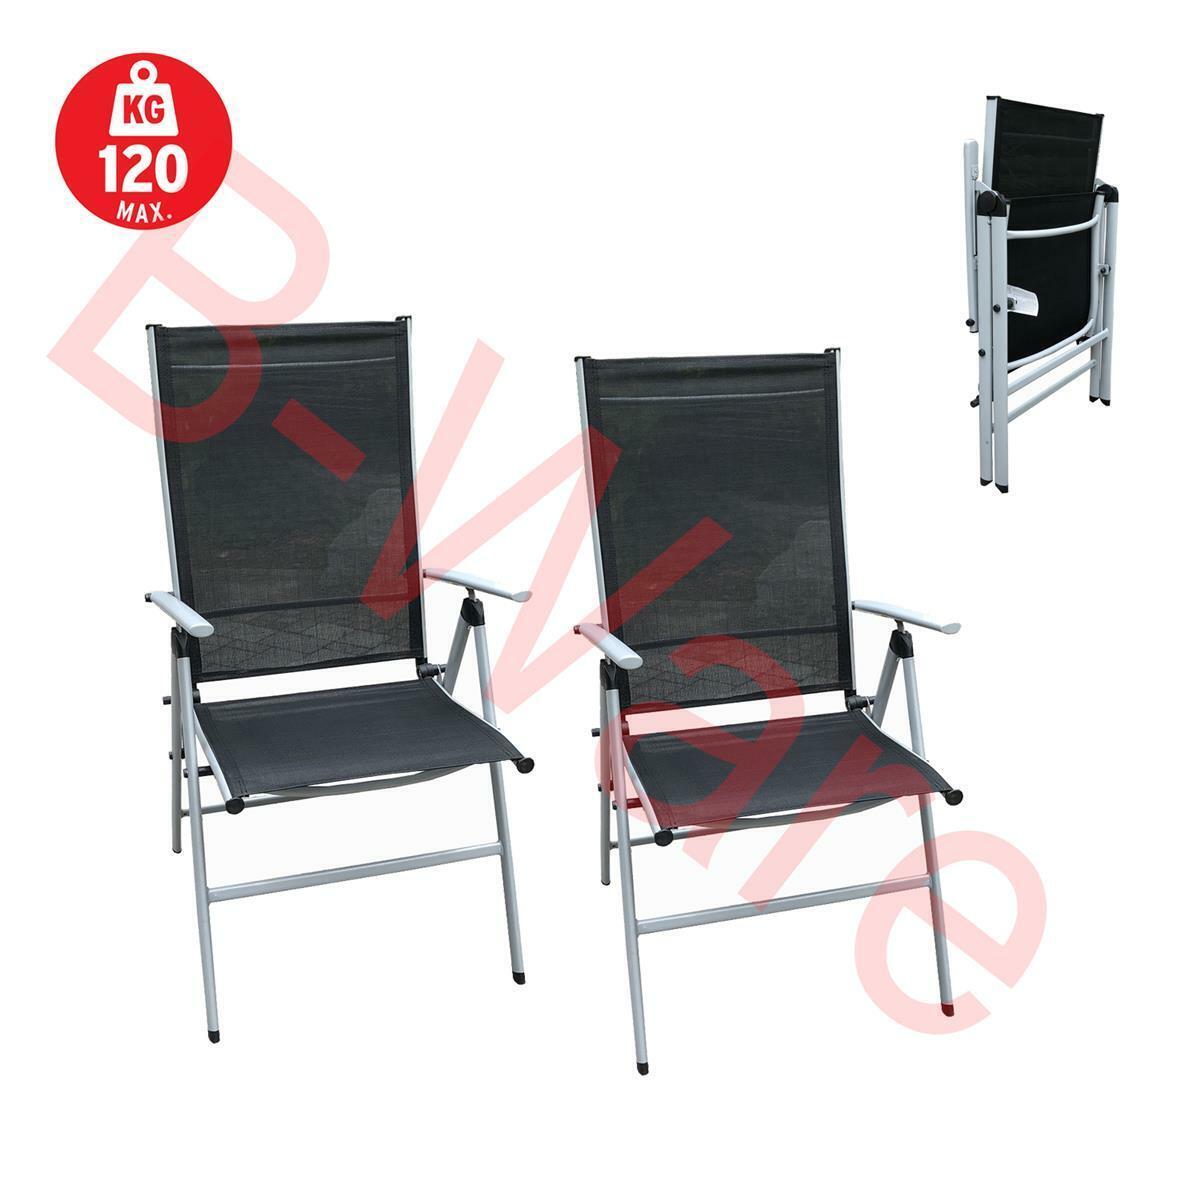 2er Set klappstuhl liegestuhl klappbar stuhl faltstuhl gartenstuhl campingstuhl